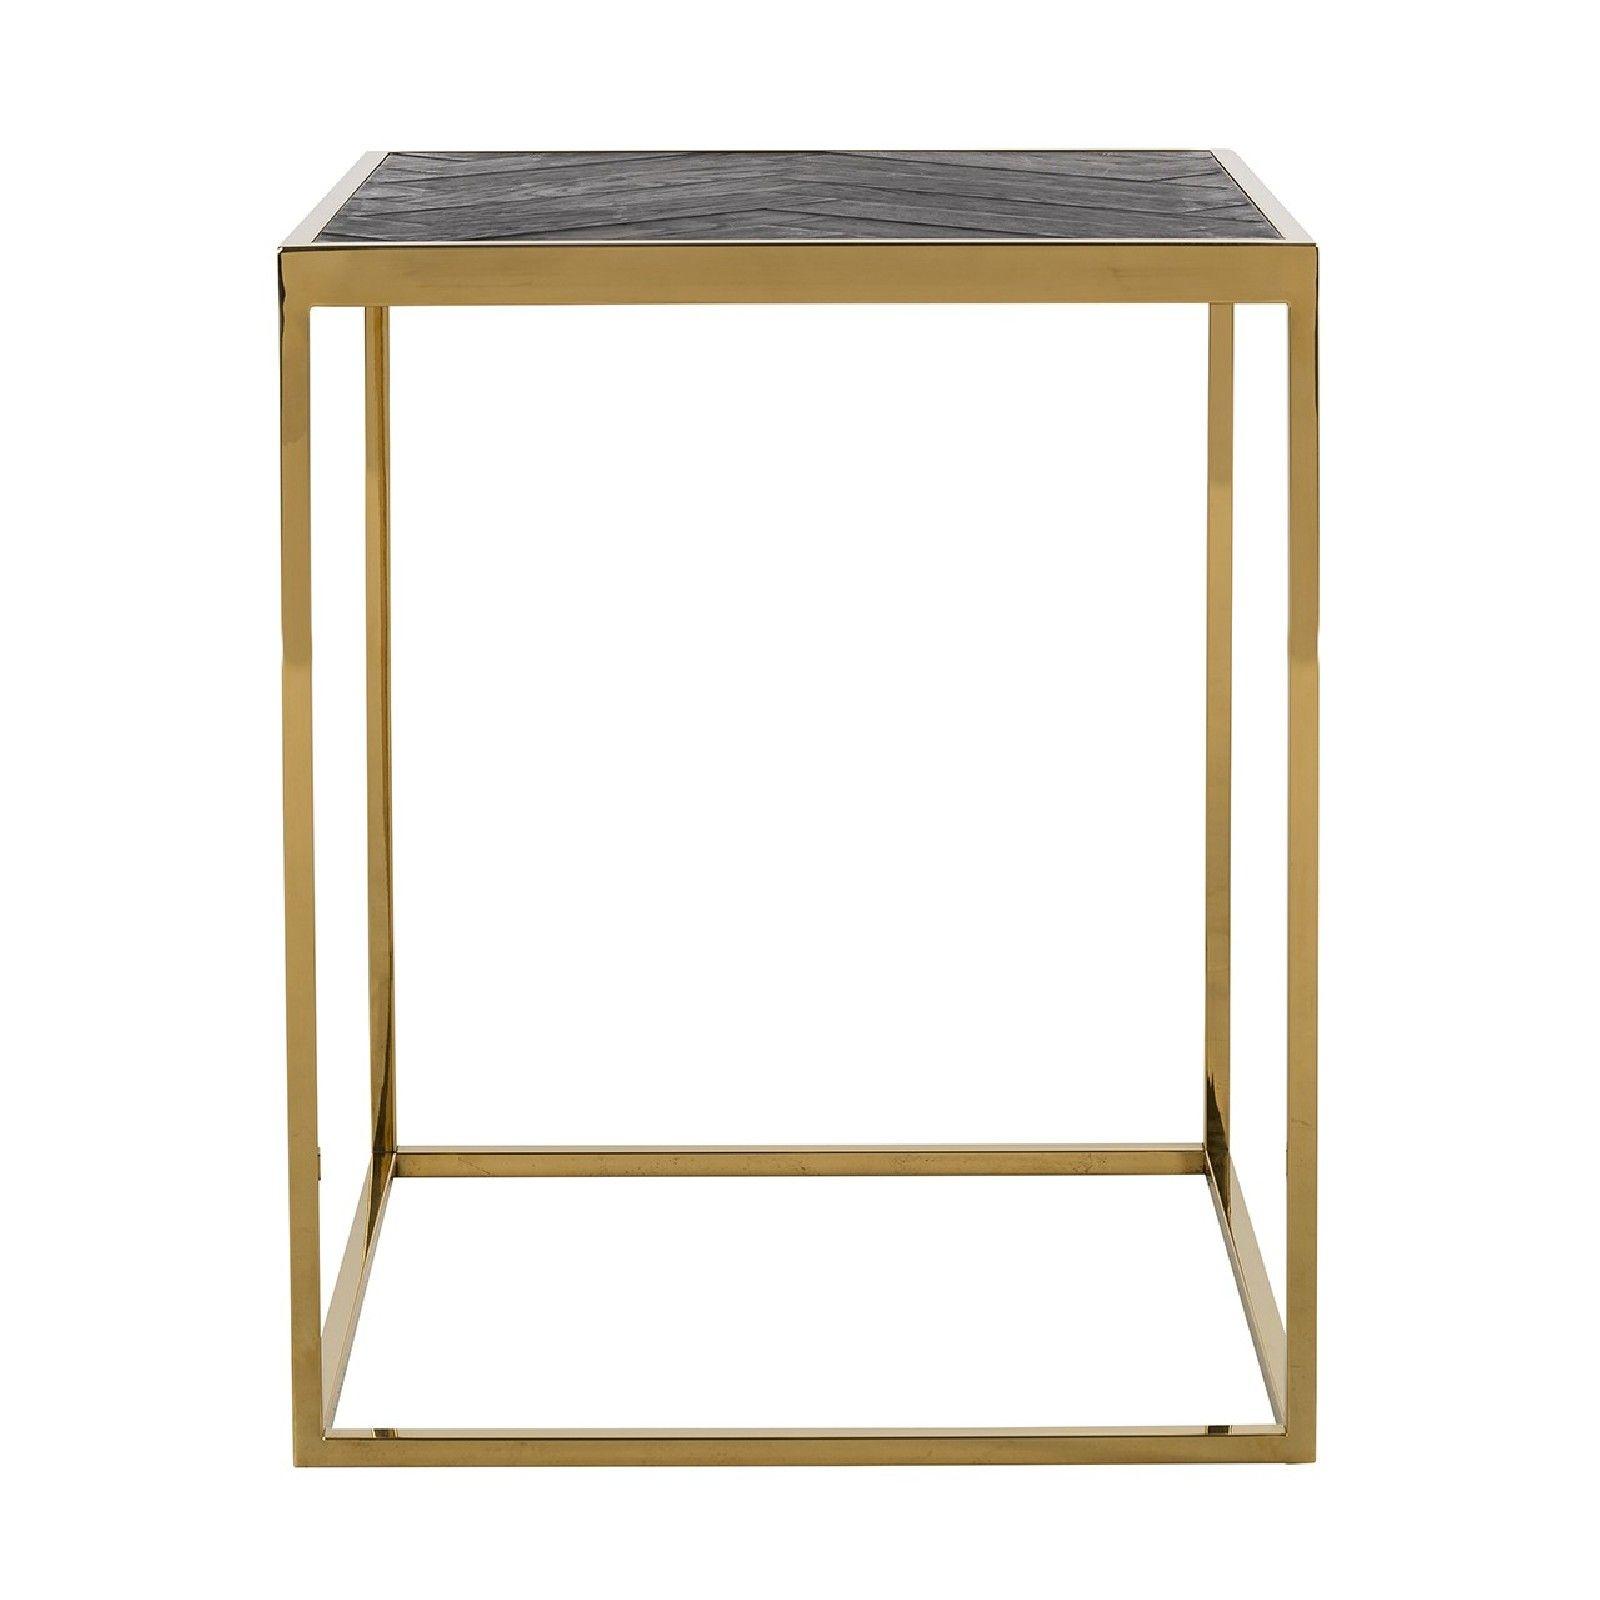 Table d'angle Blackbone gold 50x50 Meuble Déco Tendance - 501